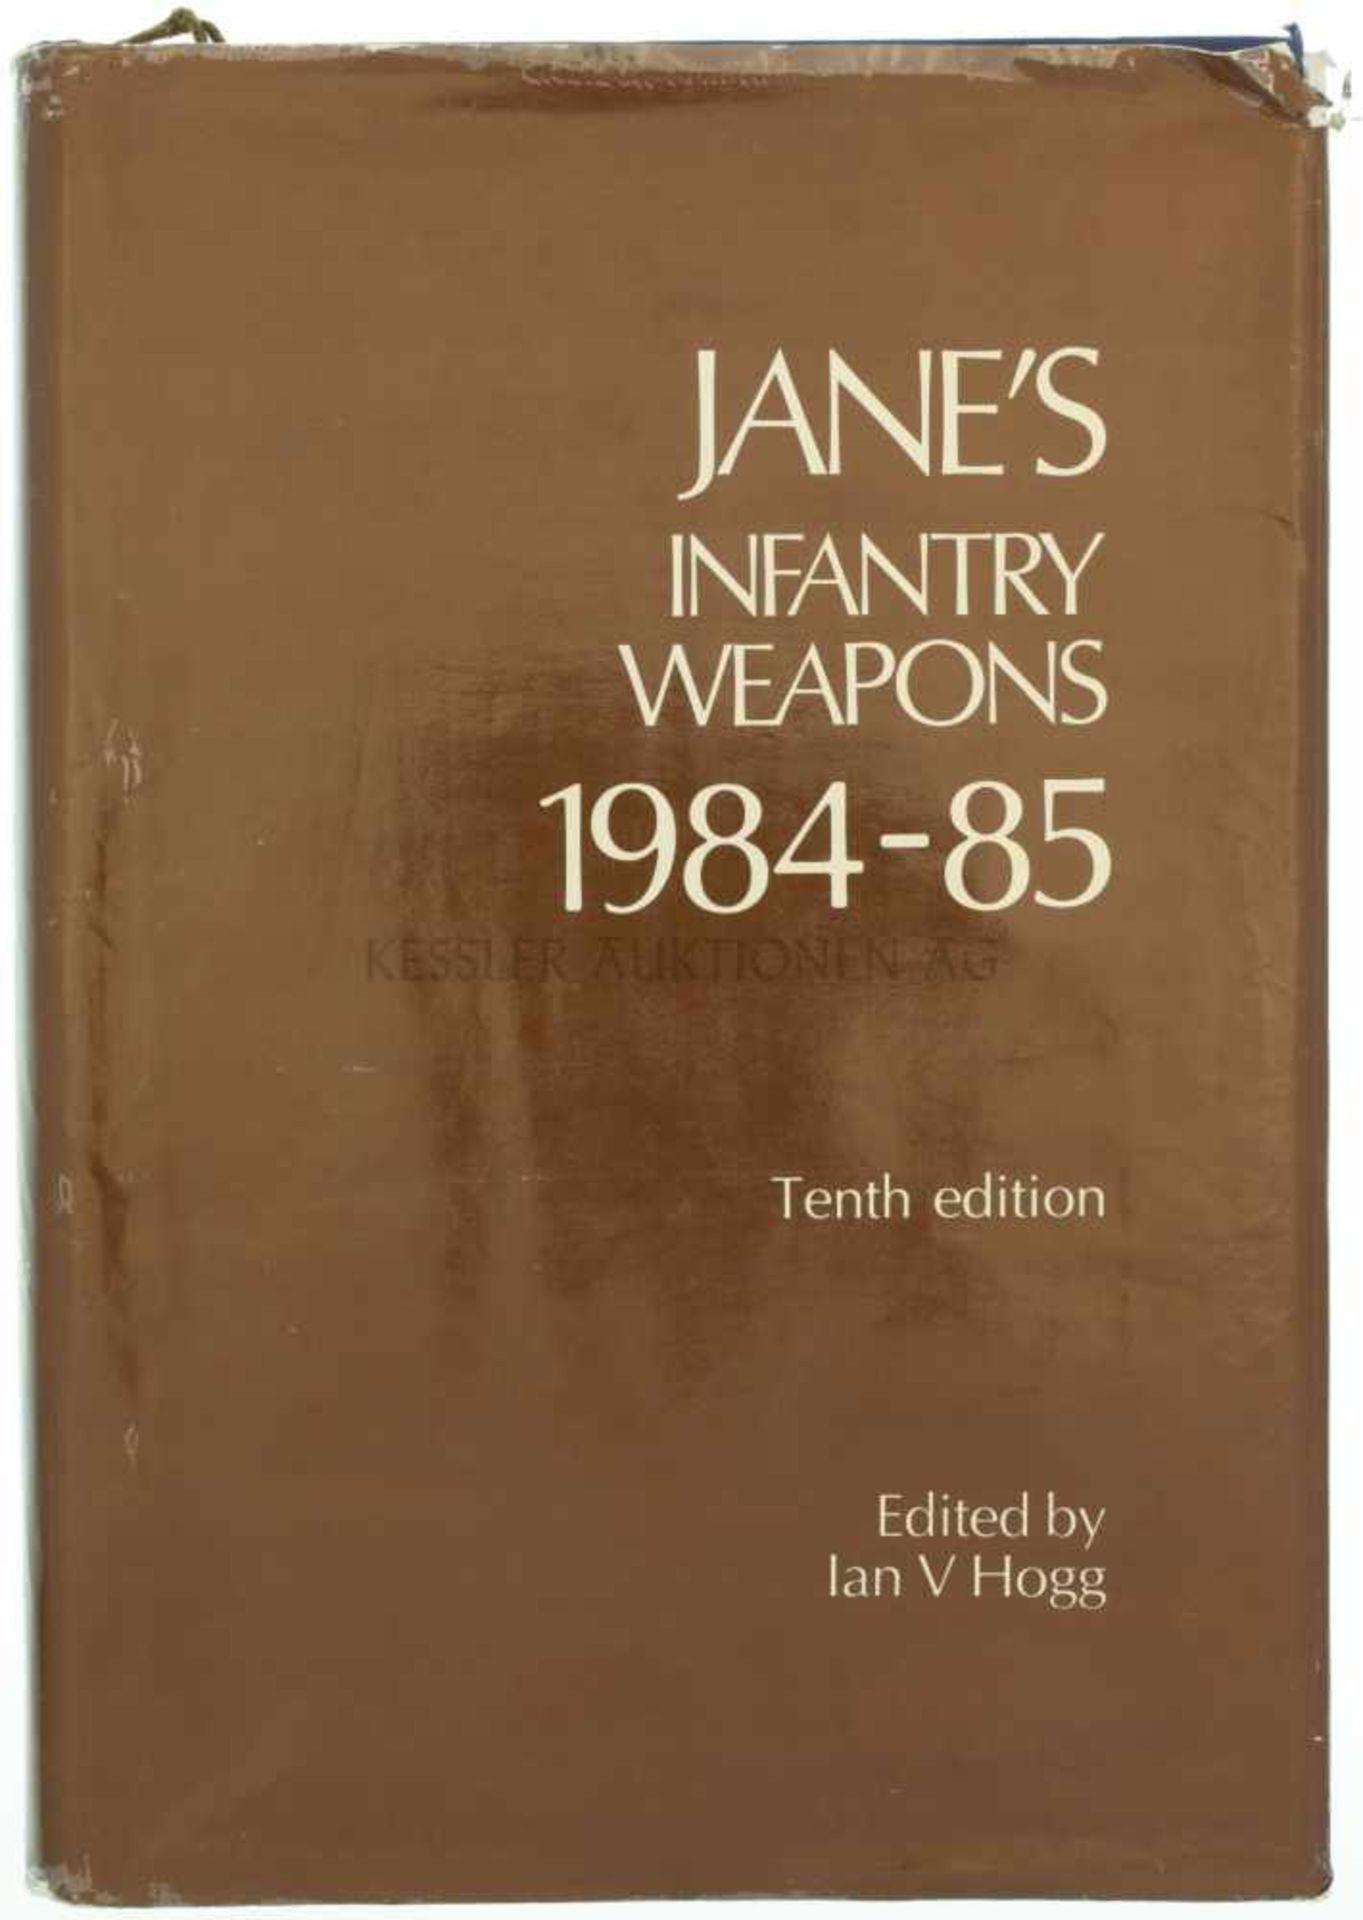 Jane's Infantry Weapons, 1984-85 10. Auflage, von Ian V. Hogg, 957 Seiten mit diversen